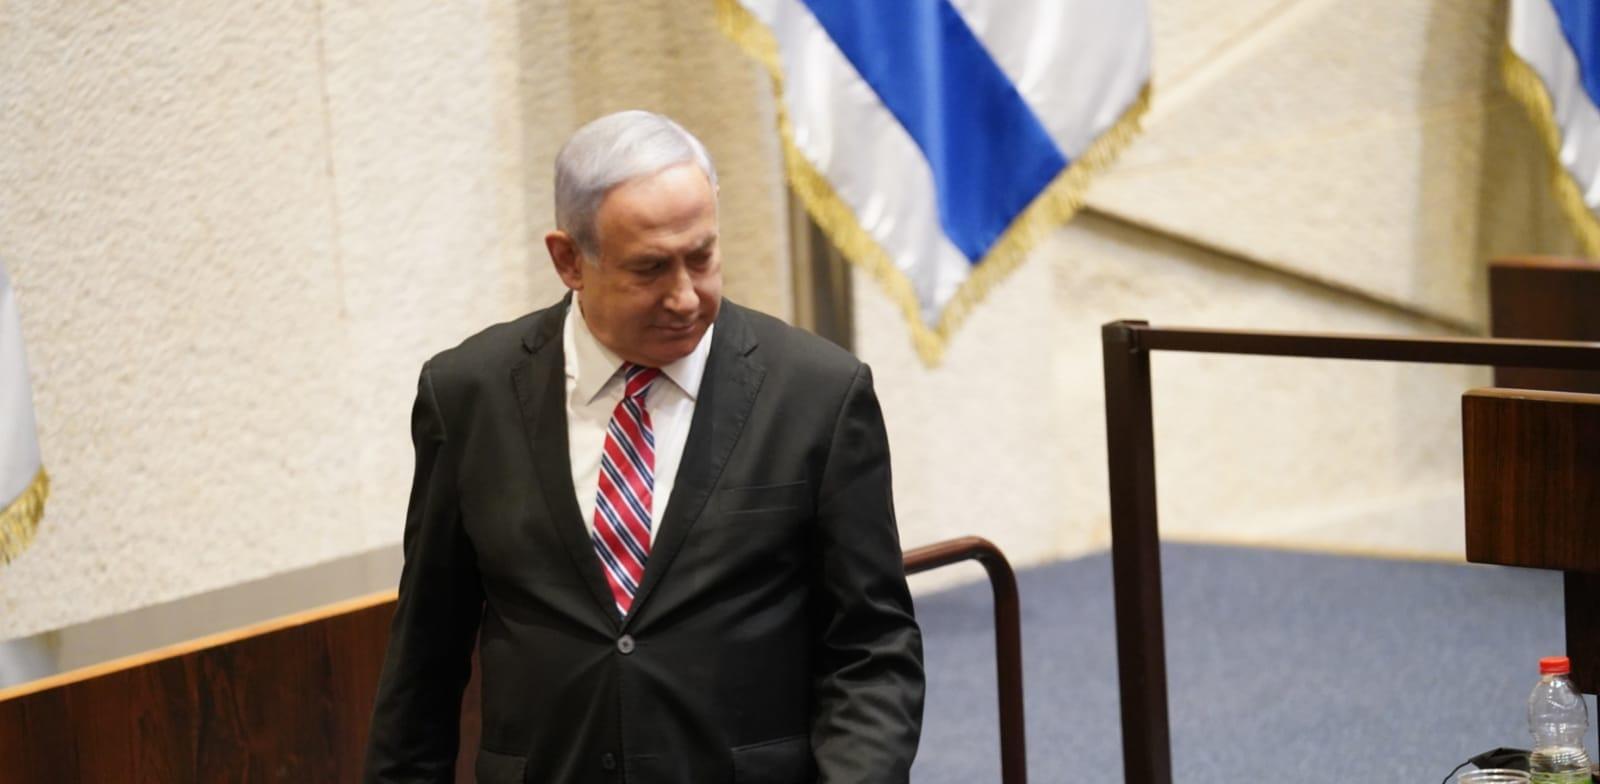 ראש הממשלה בנימין נתניהו / צילום: דני שם טוב, דוברות הכנסת